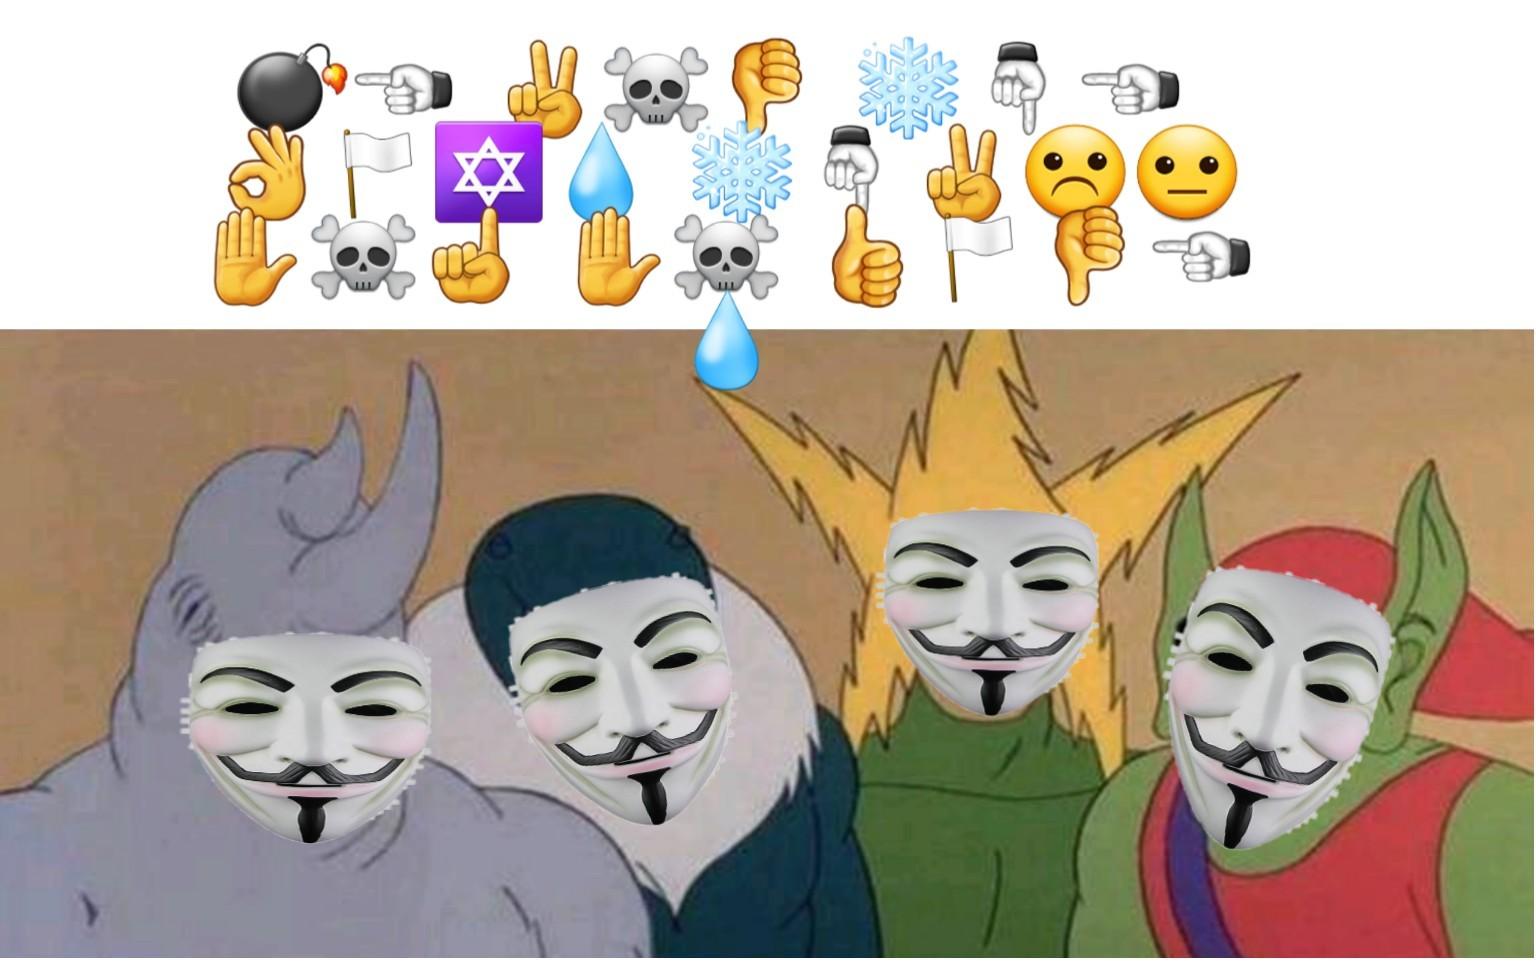 Yo y los chicos cuando hablalos en códigos - meme